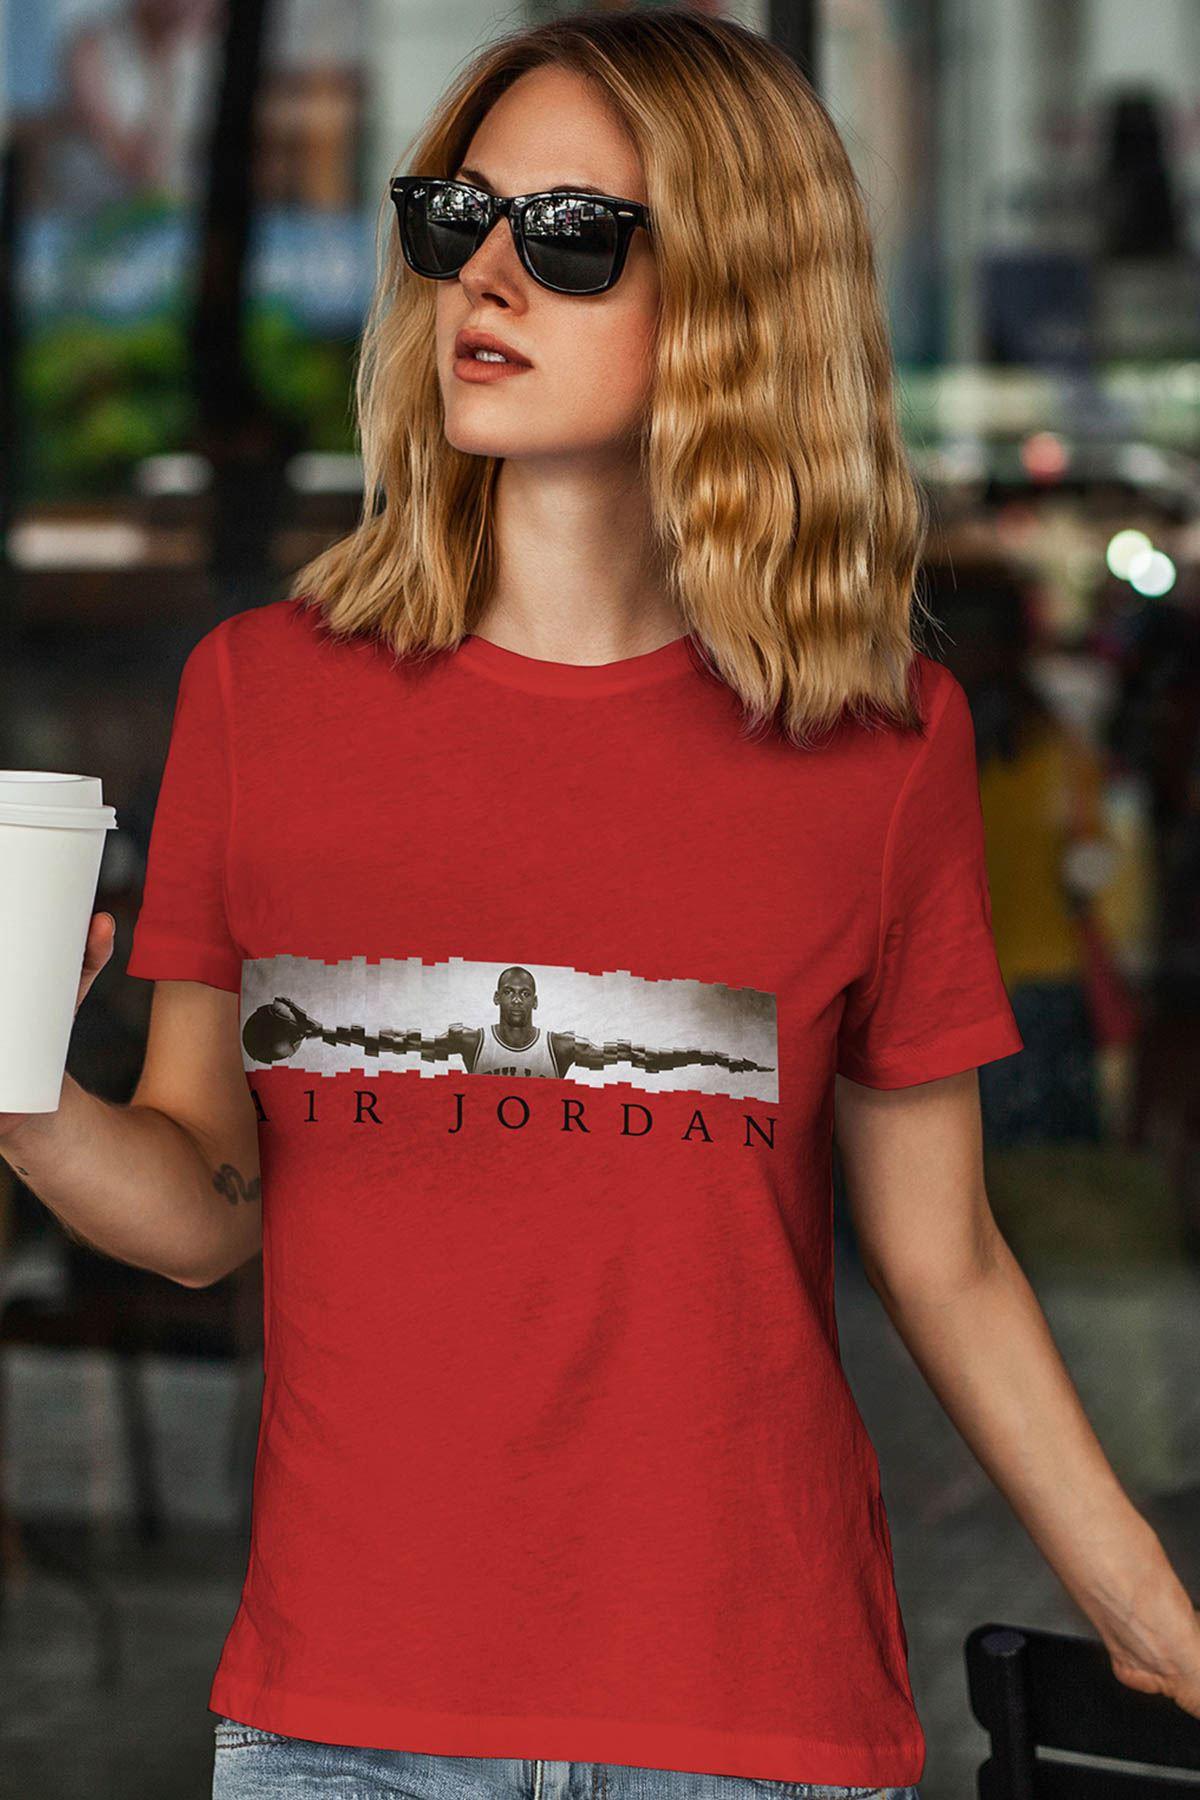 Air Jordan 17 Kırmızı NBA Kadın Tshirt - Tişört